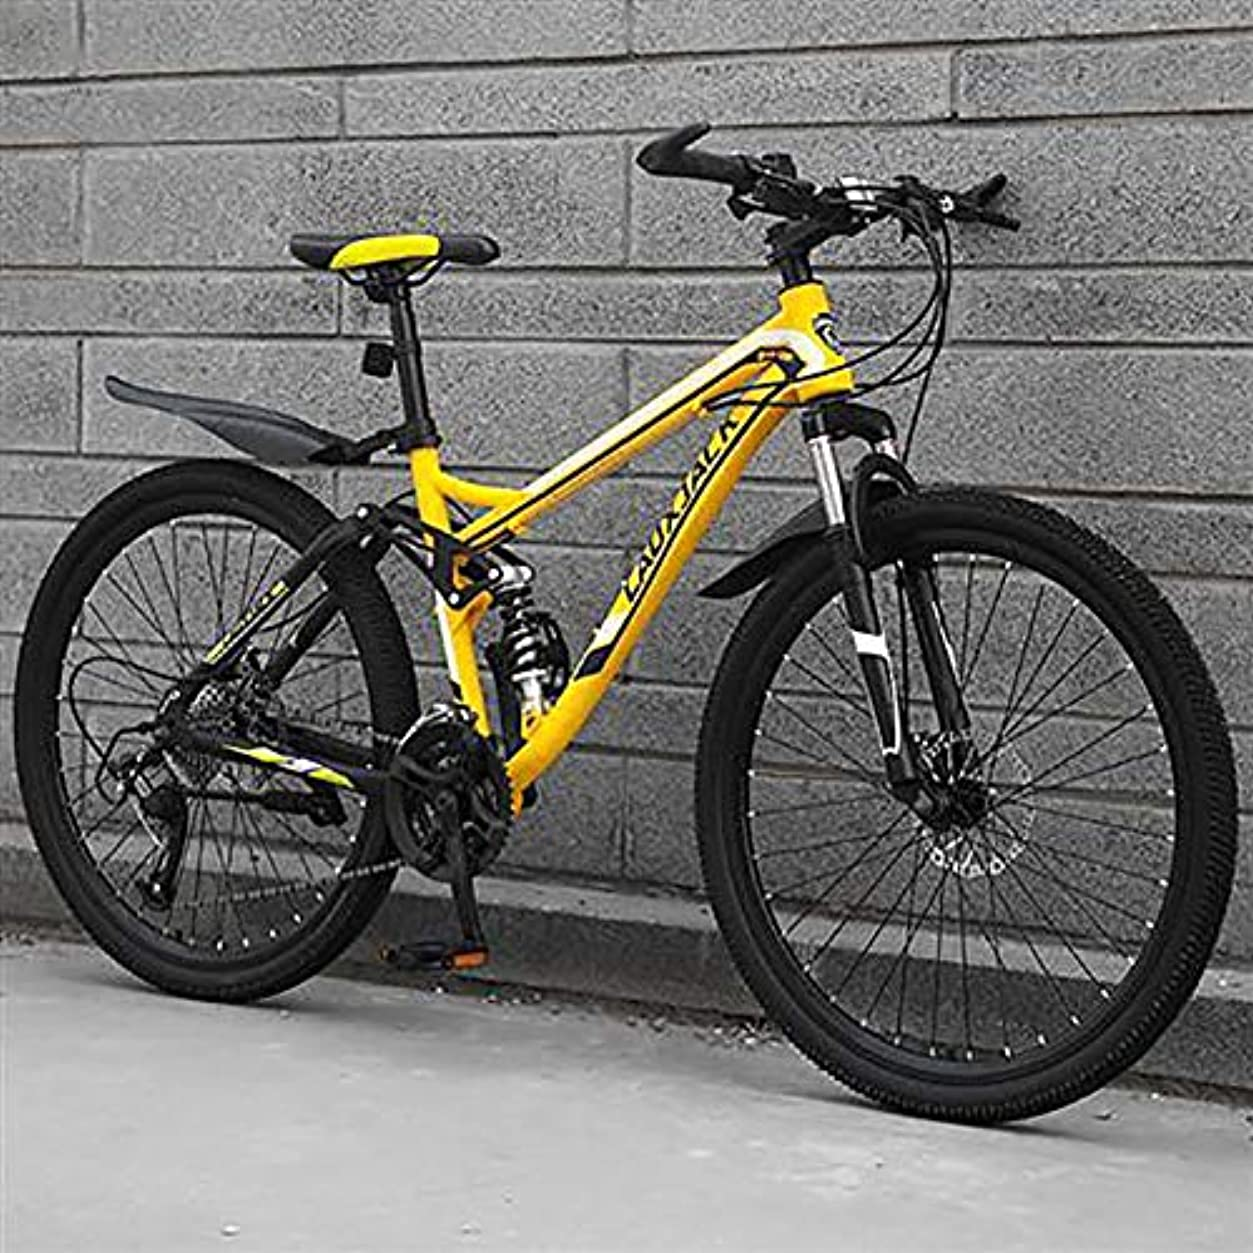 魅力的であることへのアピールパステル限られた自転車 サイクル,高炭素鋼 男性 女性 オフ-道路 クロスバイク,デュアルディスクブレーキ フルサスペンション クロス バイク